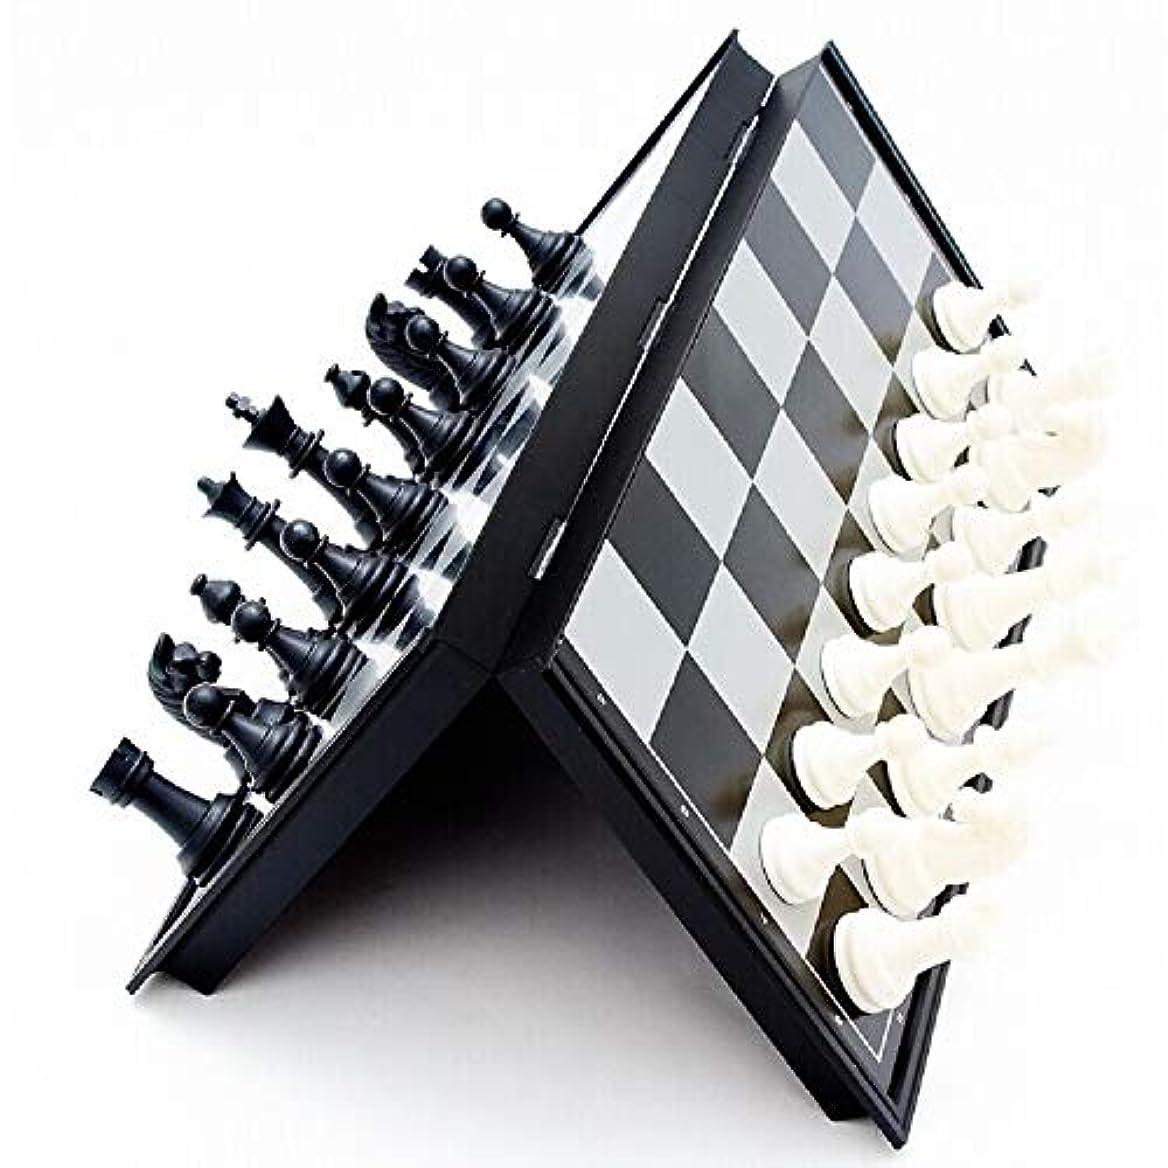 相談するテセウス魔女チェスセットインターナショナルチェスウッドエンターテイメントゲーム折りたたみボードマグネットチェスメン、子供用パズルゲーム ( Size : S )